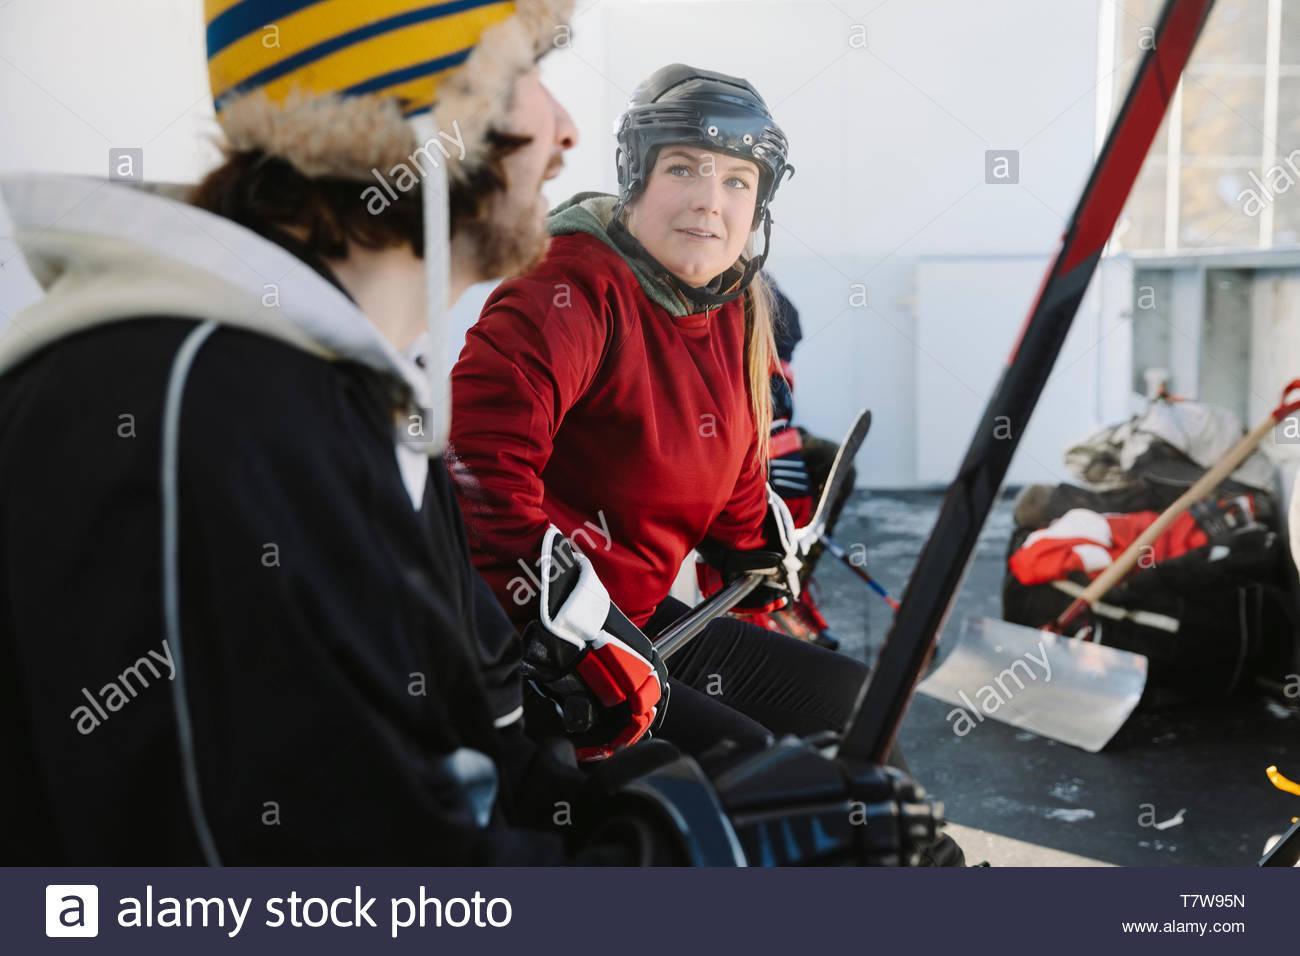 Les amis de jouer de hockey sur glace en plein air, assis sur le banc de touche Photo Stock